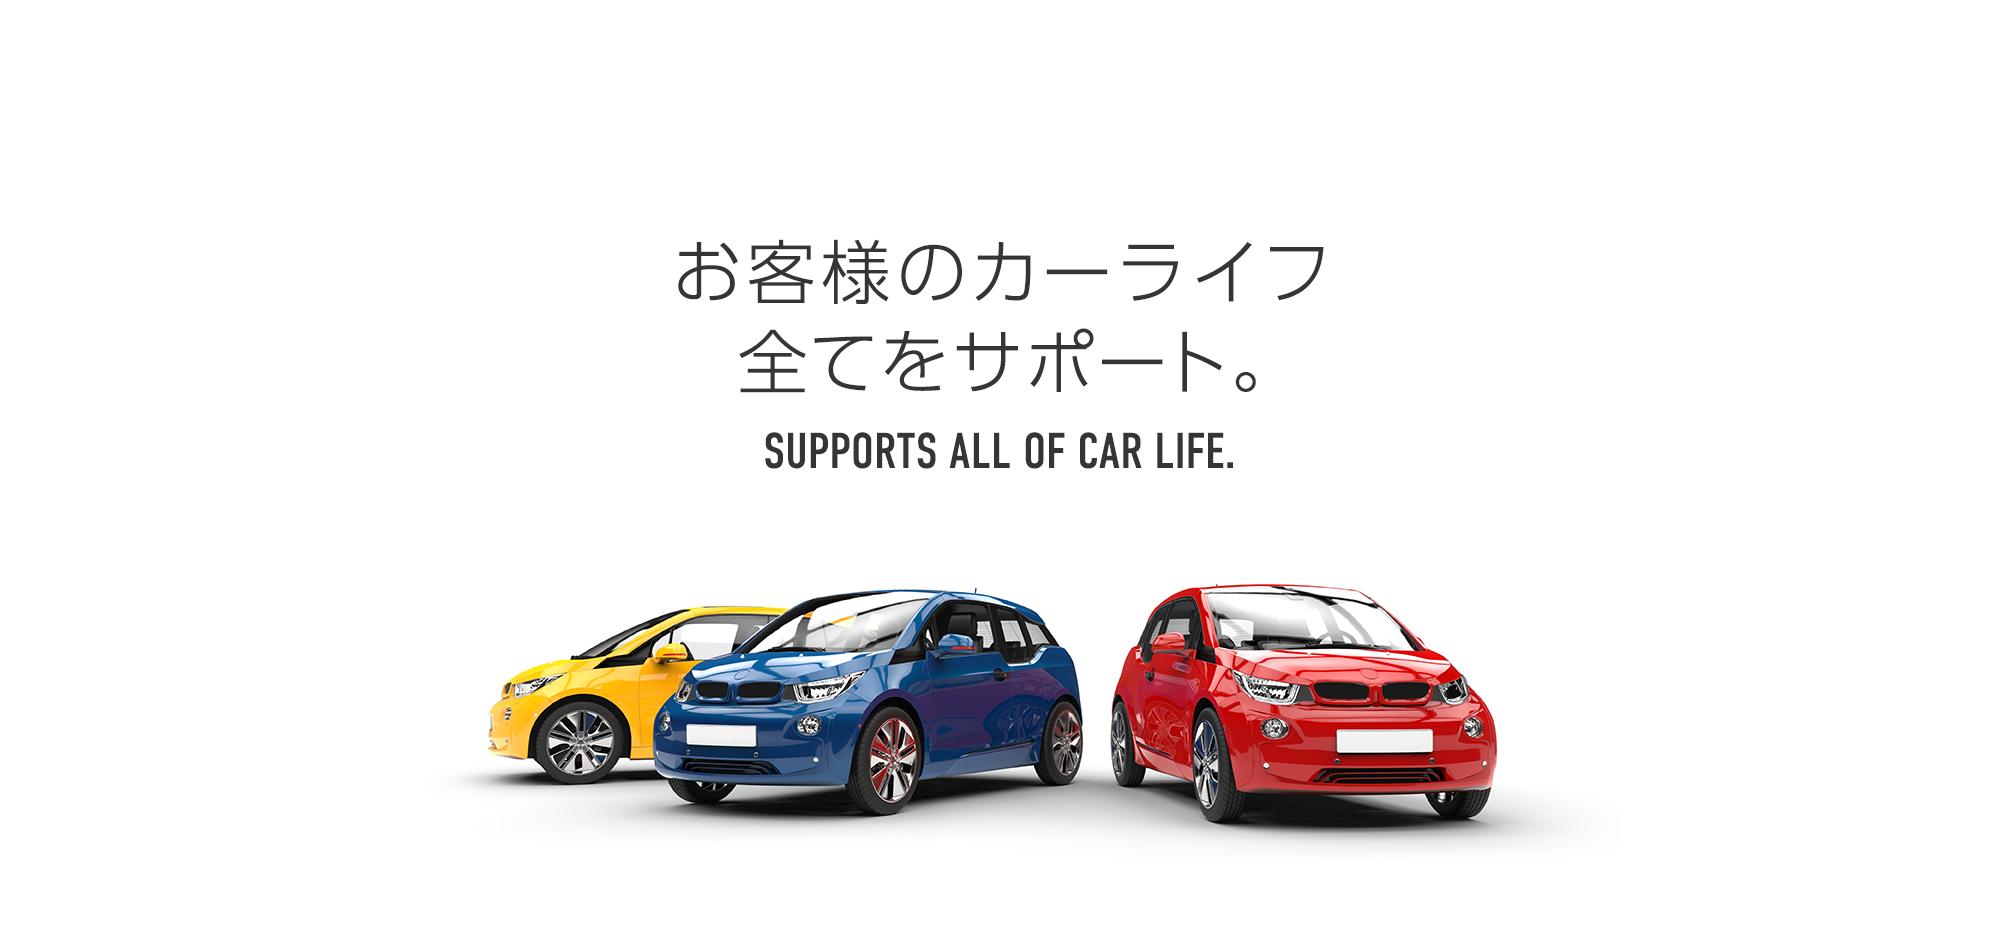 お客様のカーライフ全てをサポート。 SUPPORTS ALL OF CAR LIFE.